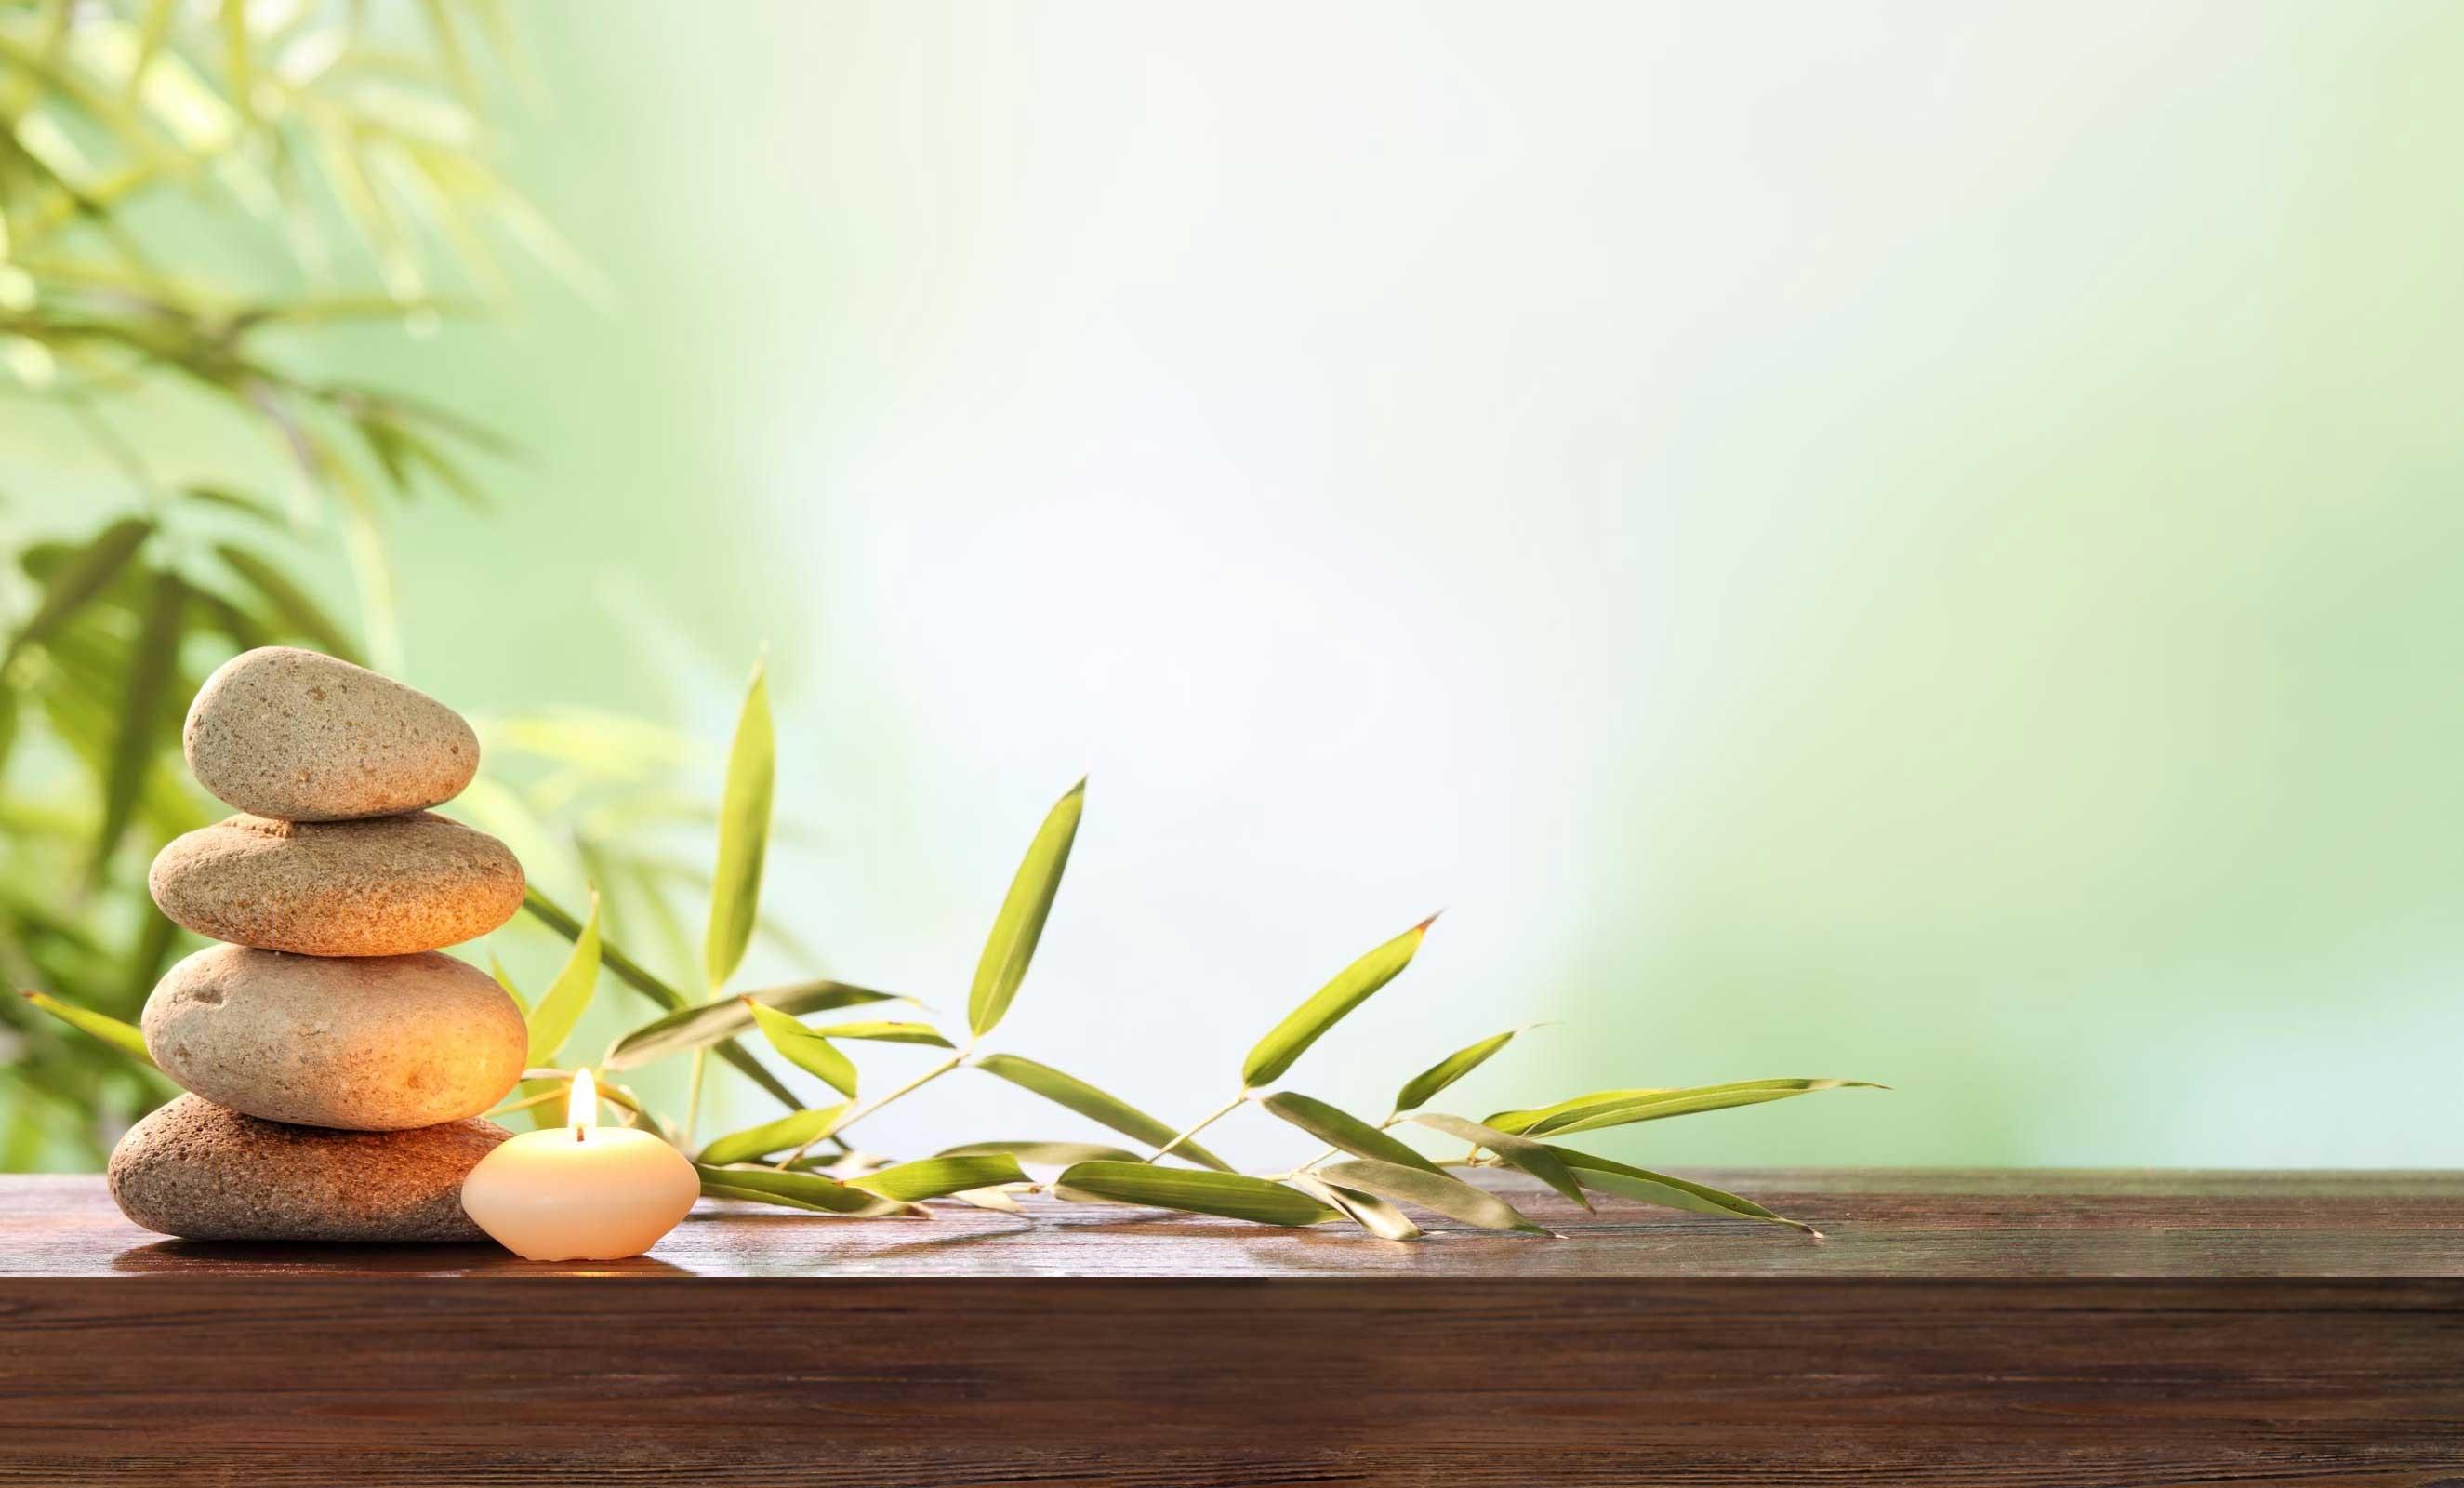 Res: 2650x1600, Nourishing Thyself Spa Healing Background   Nourishing Thyself Spa